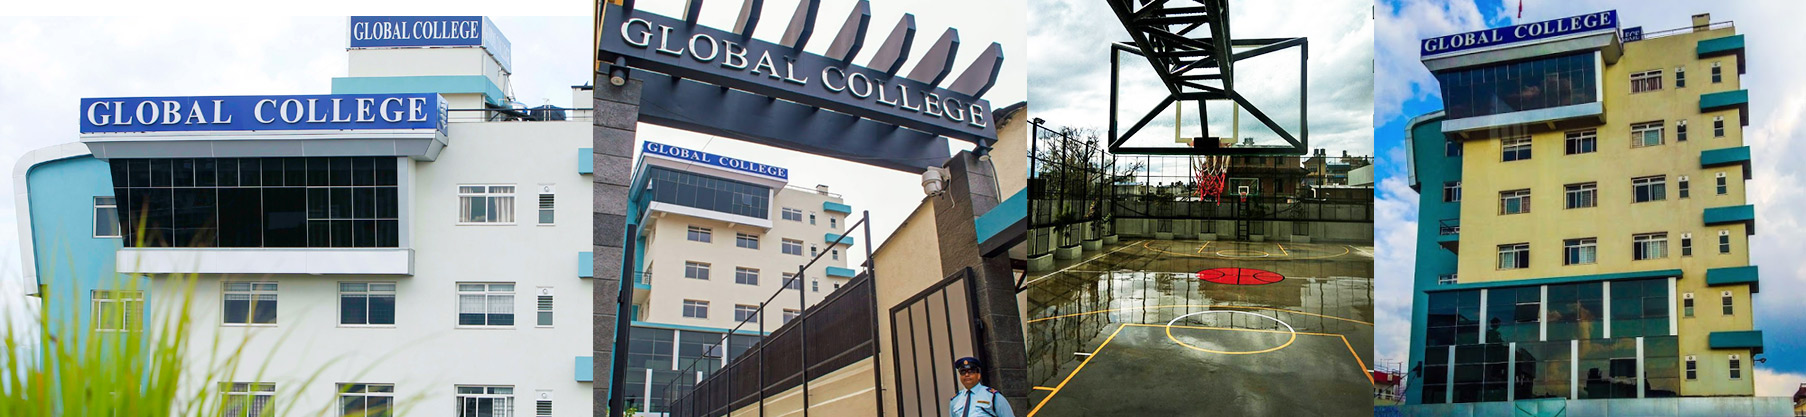 Global School of Science